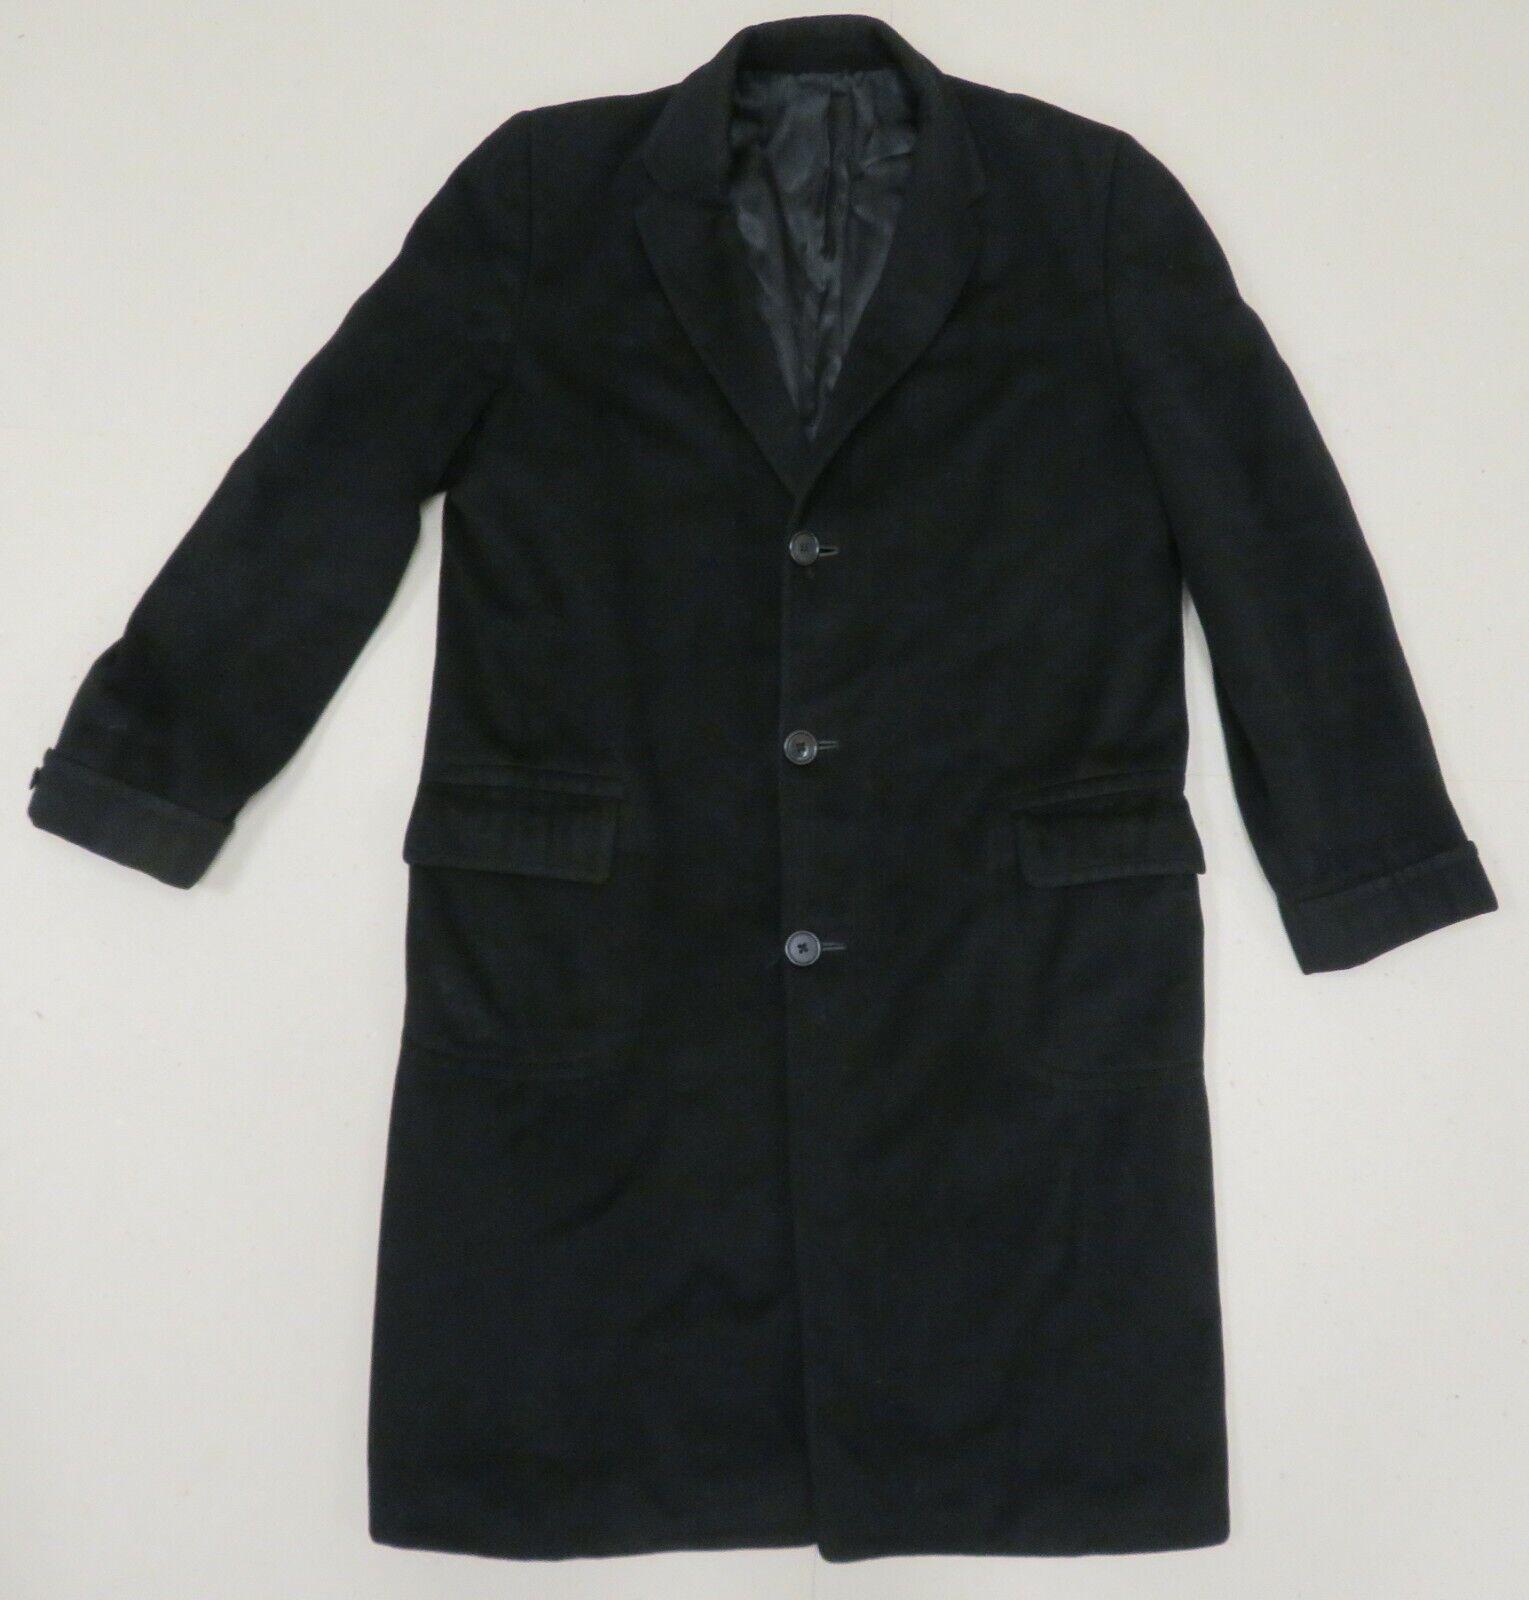 Hampshire Clothes Mens 100% Cashmere Overcoat Top Coat Long